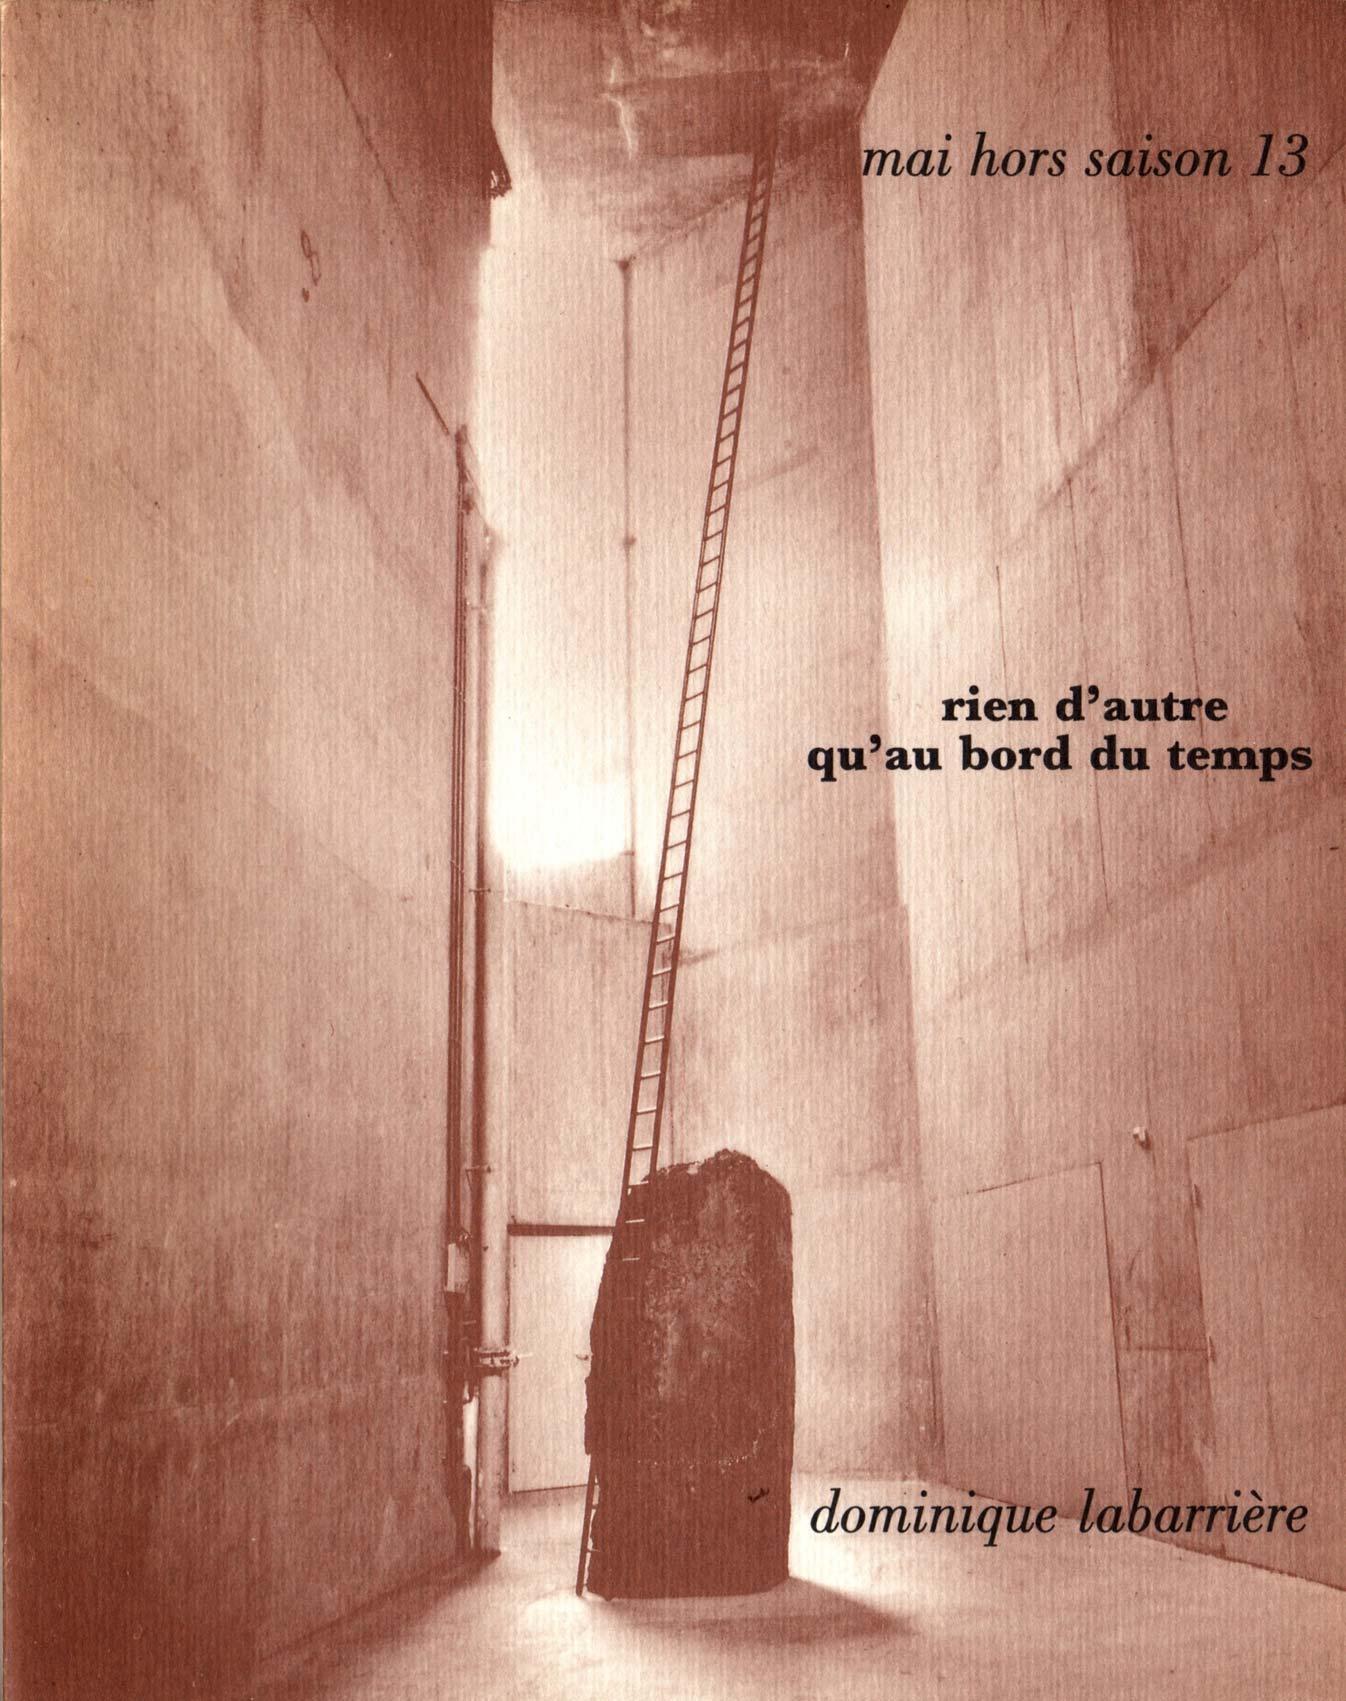 Numéro spécial en hommage à Dominique Labarrière orchestré par Guy Benoit, Mai hors saison,1994